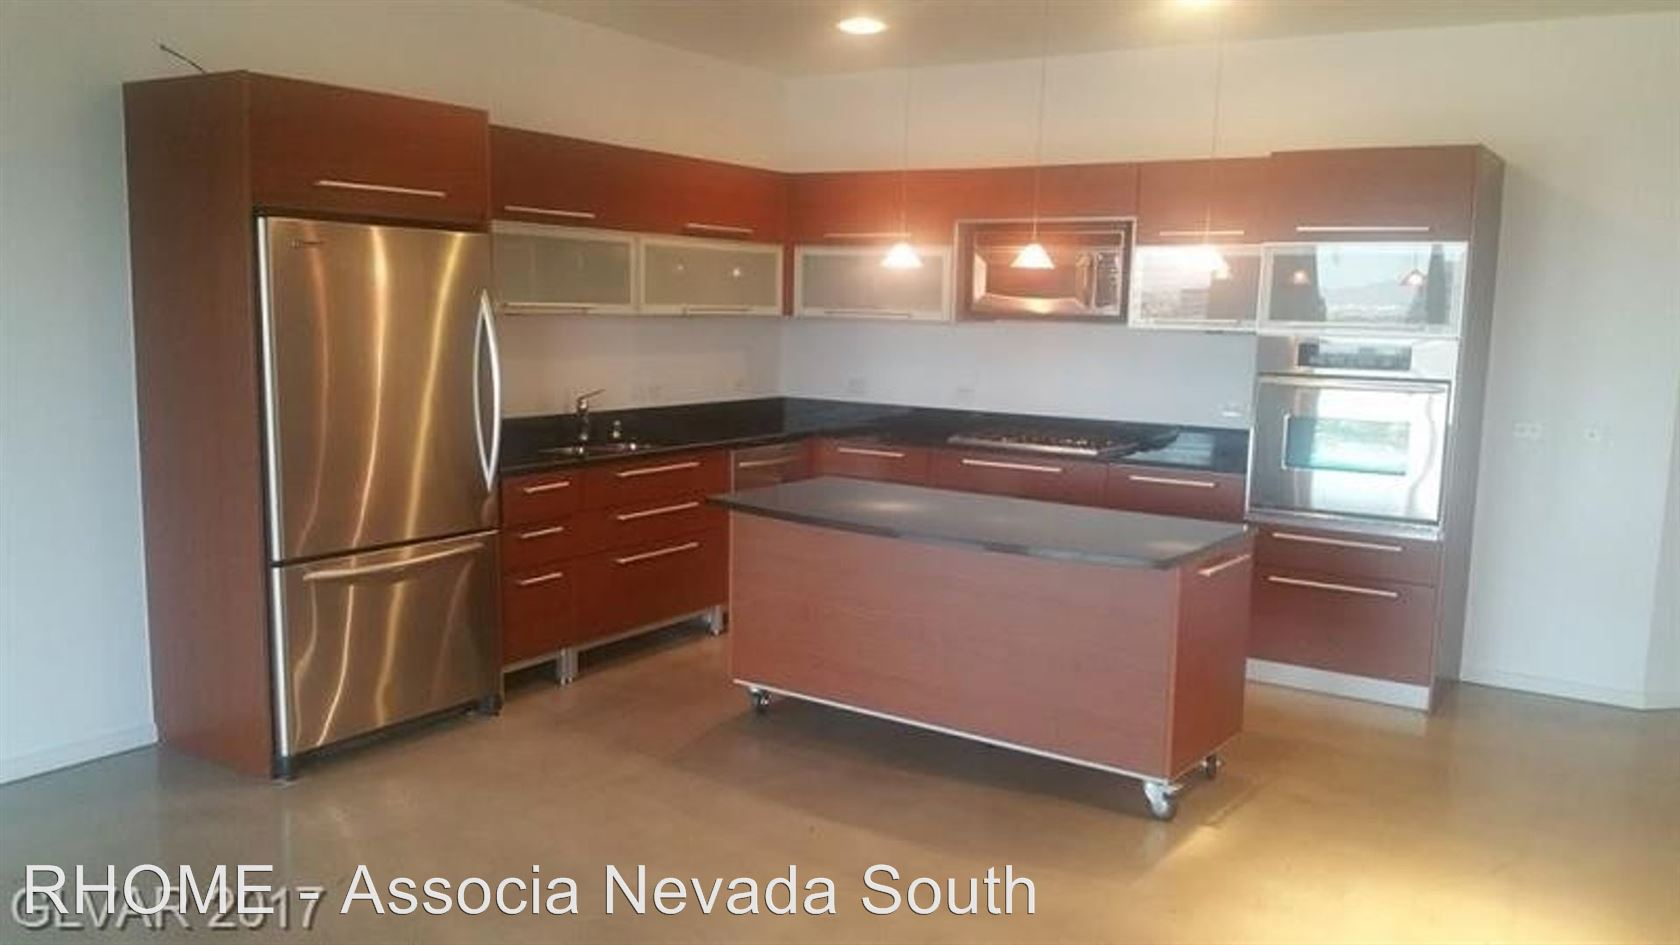 900 Las Vegas Blvd 914, Las Vegas, NV - $1,900